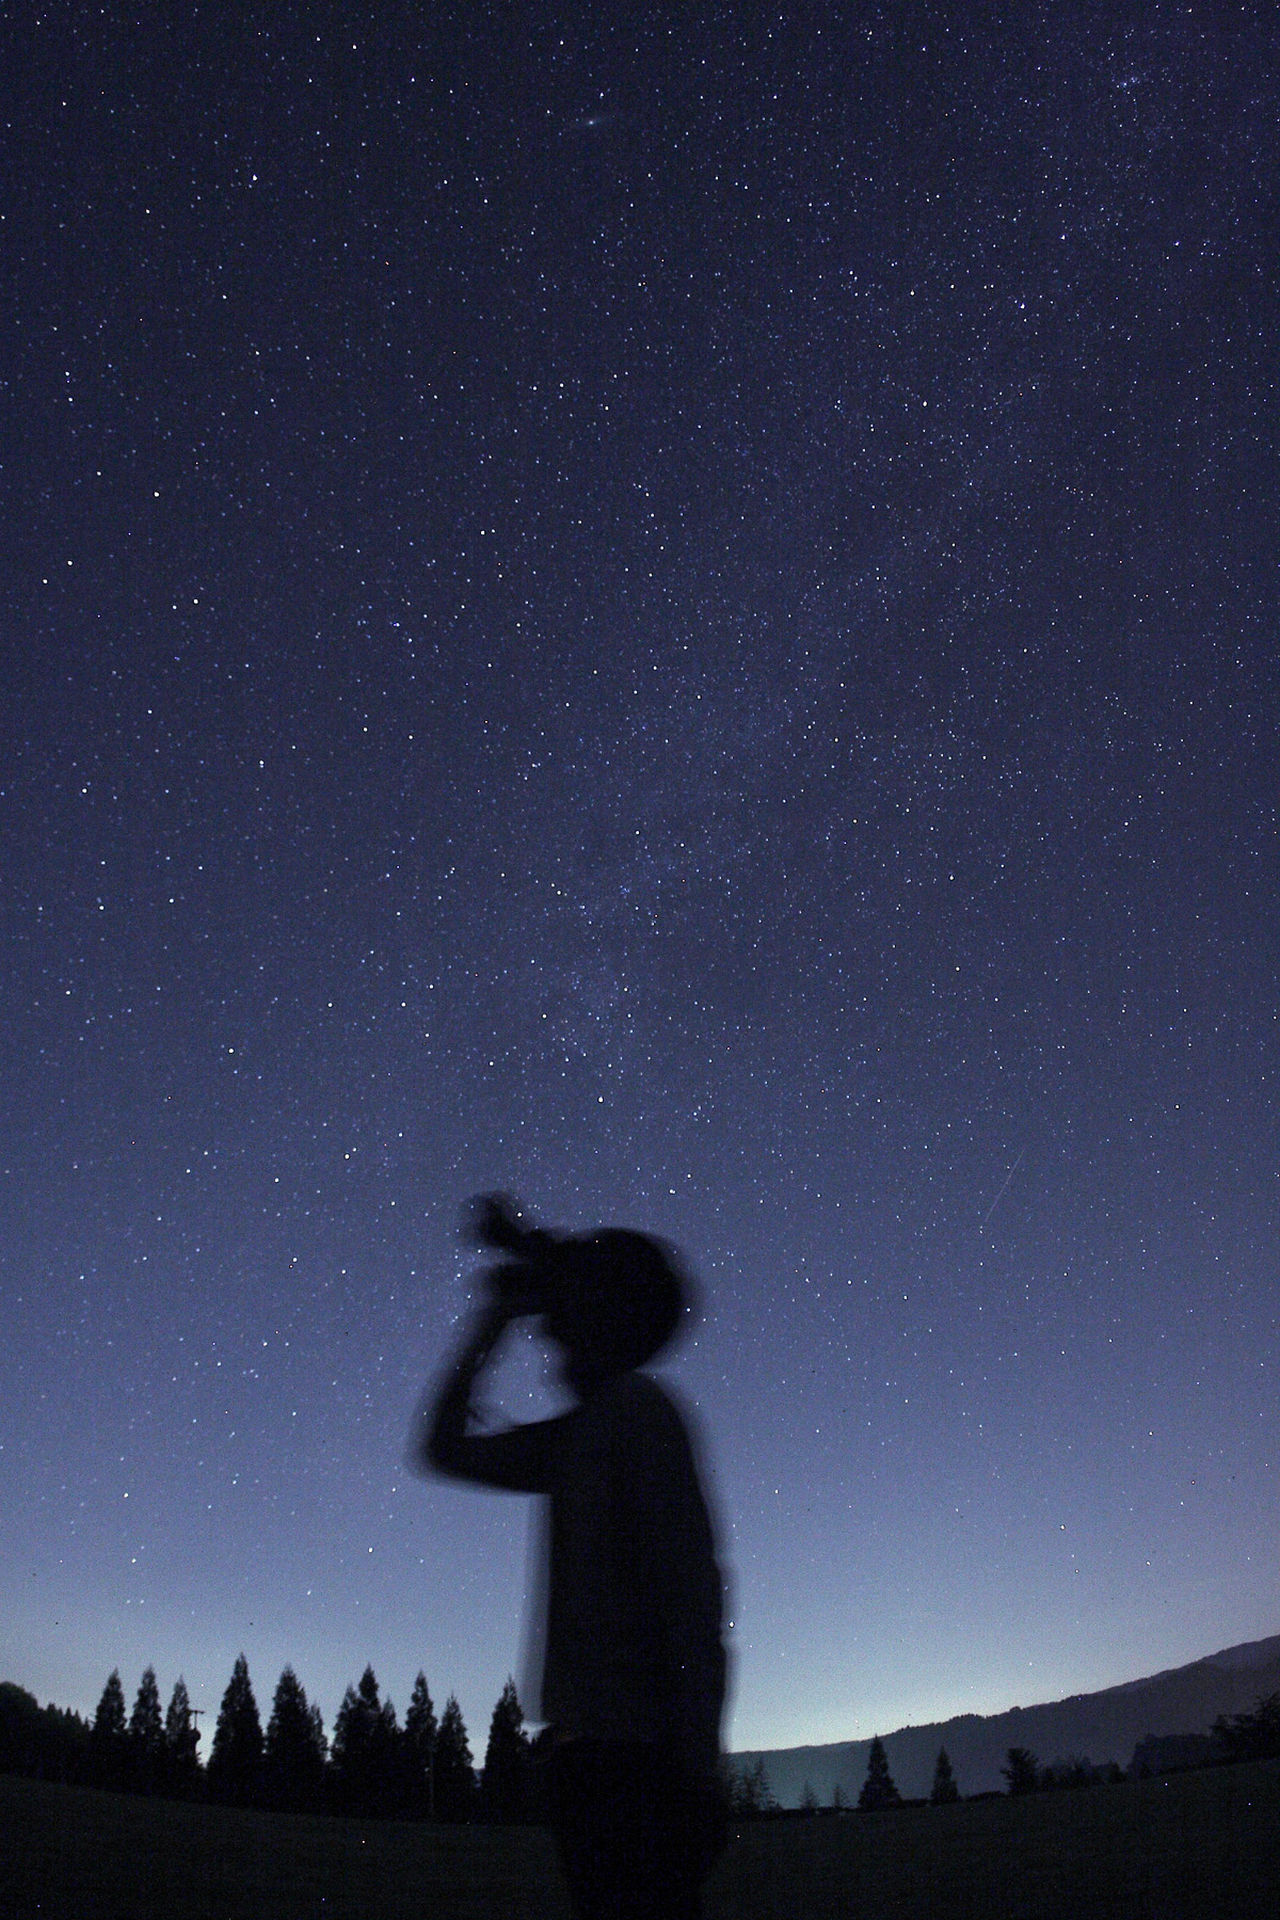 好きです写真 EyeEm Nature Lover Astrophotography Milkyway Summer Views Silhouette 星が多すぎて夏の大三角形が分からなかった… 2015夏 バッテリー忘れたStarry Nightに フィルターかけると迷うからスッピン Sky_collection 🍙グッド Self Portrait Around The World My Best Photo 2015